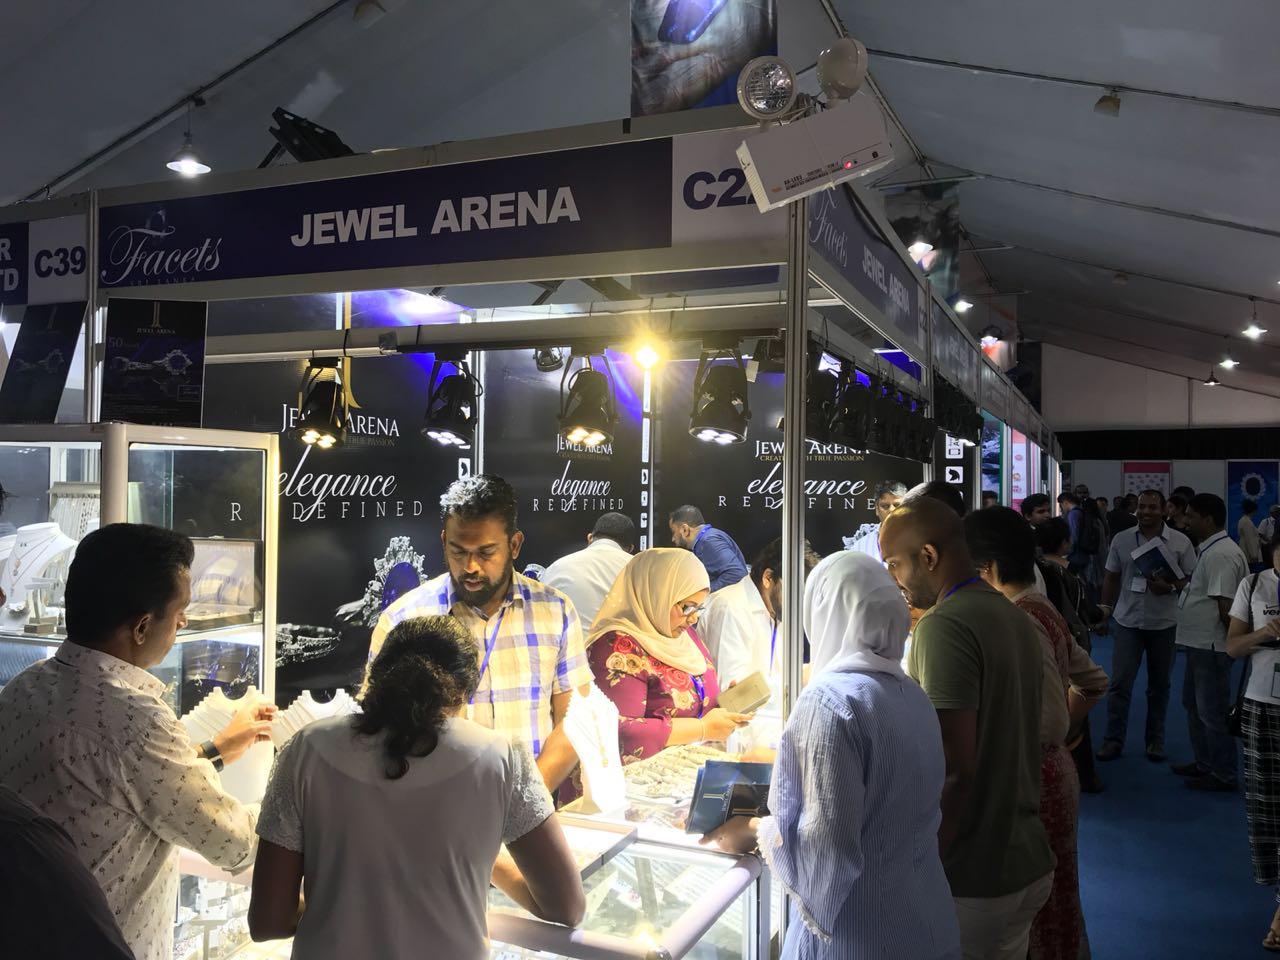 Jewel Arena Art Directed